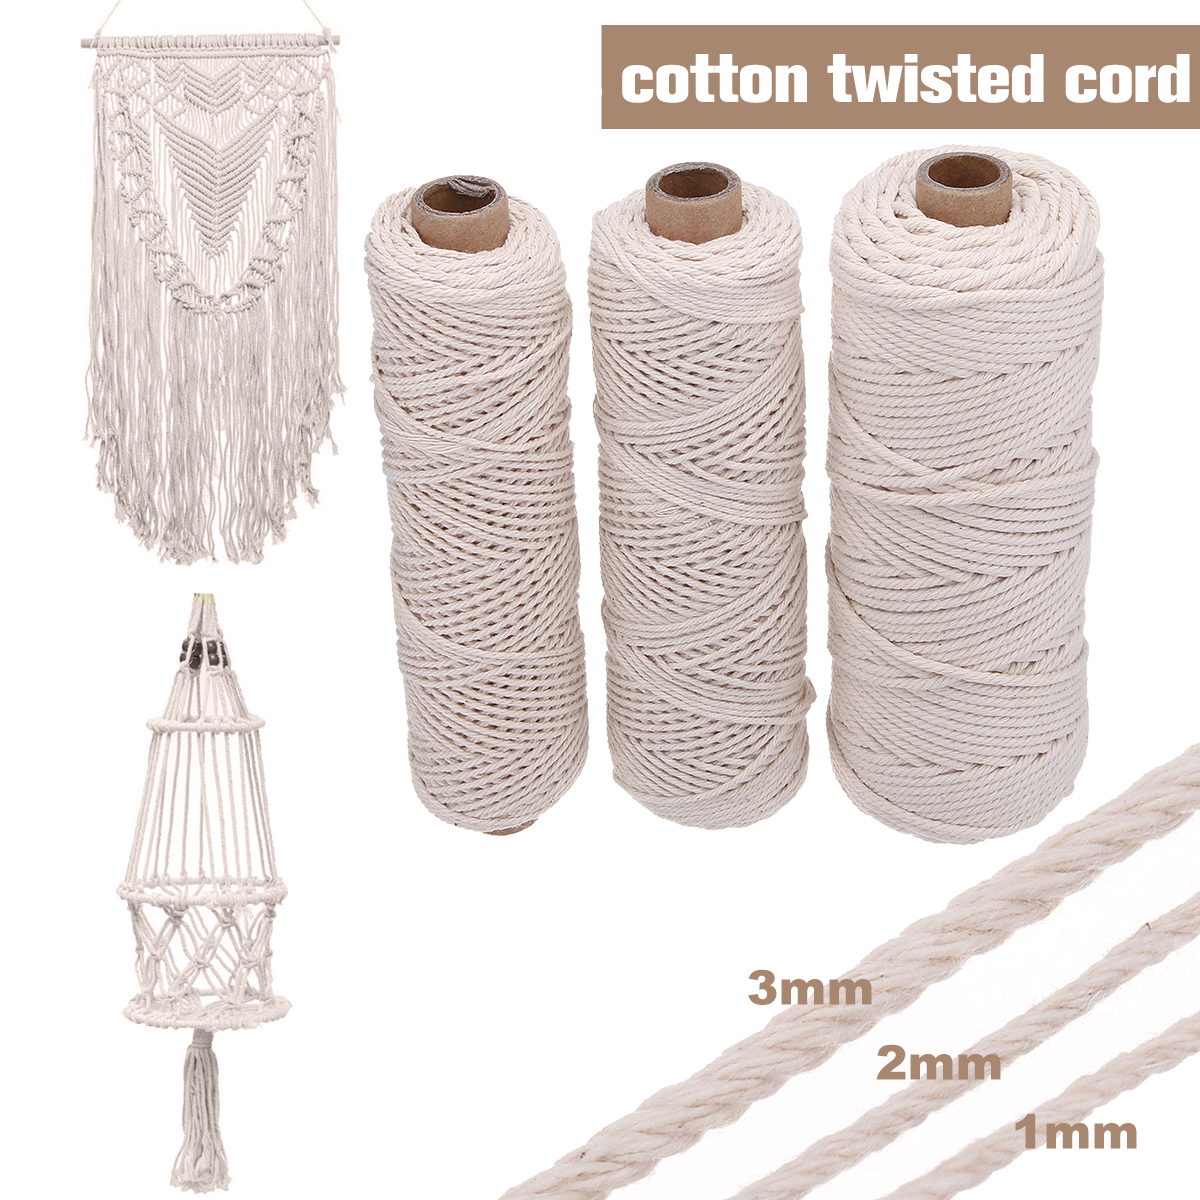 3 tamaño 1/2 3mm trenzado suave Beige trenzado cuerda de algodón cuerda artesanal macramé cuerda DIY hecho a mano hilo de macramé cuerda